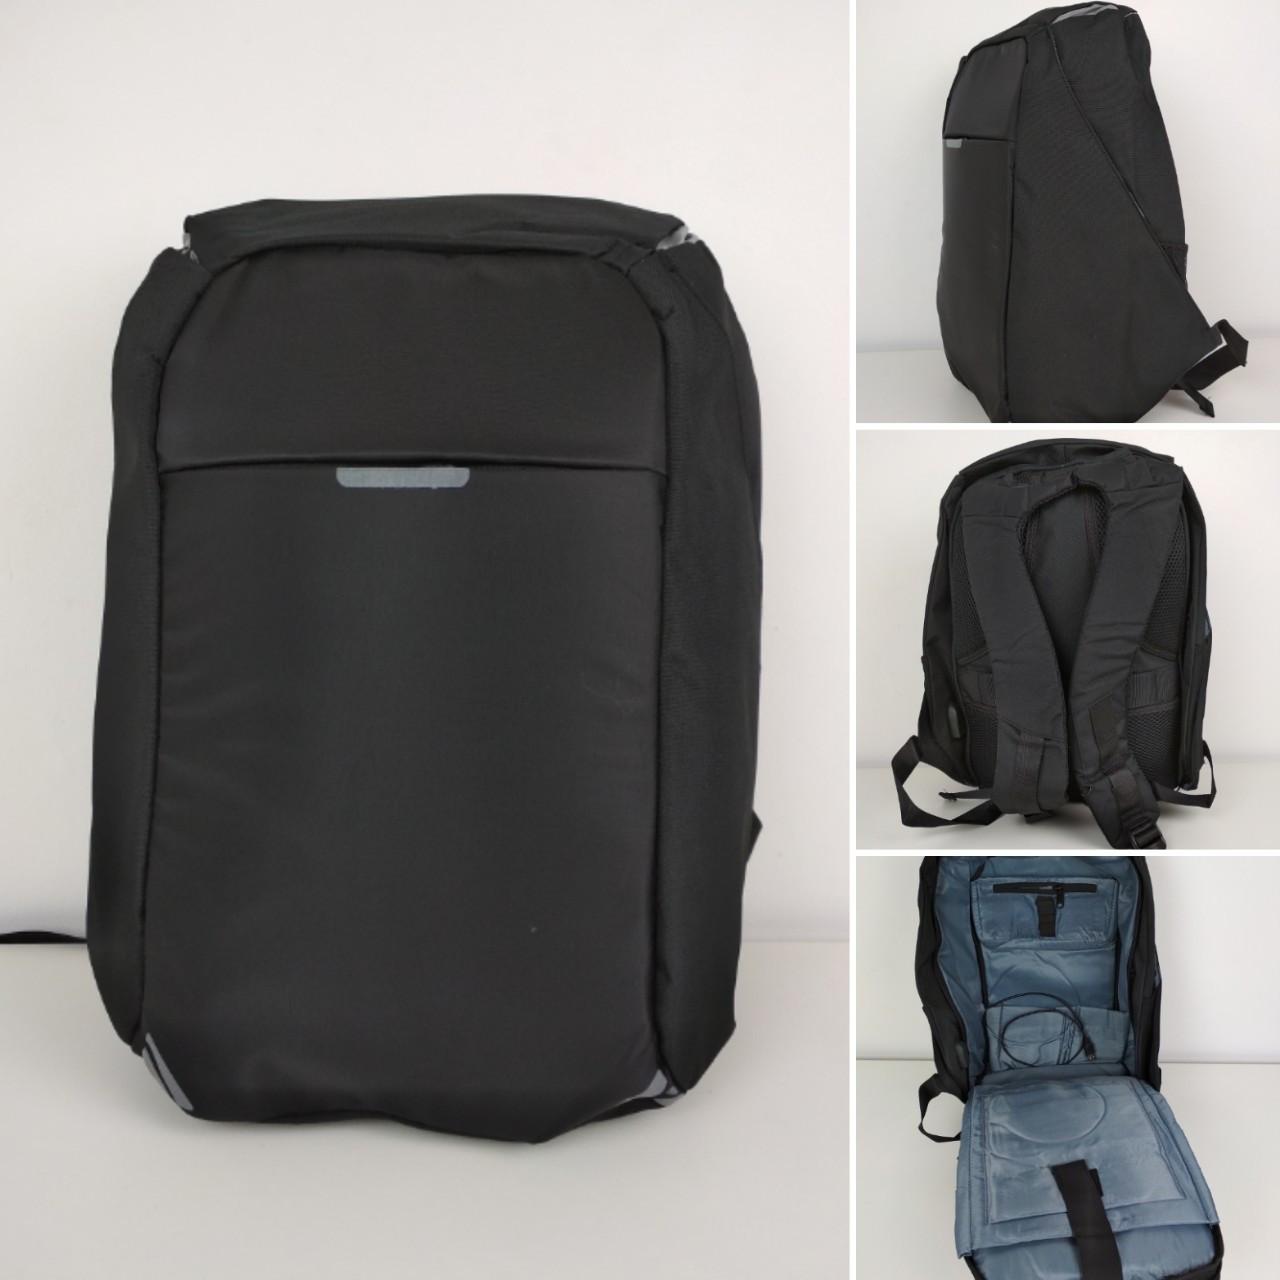 7a464393c7fa Текстильный рюкзак антивор с USB портом для зарядки телефона 43*30*15 см